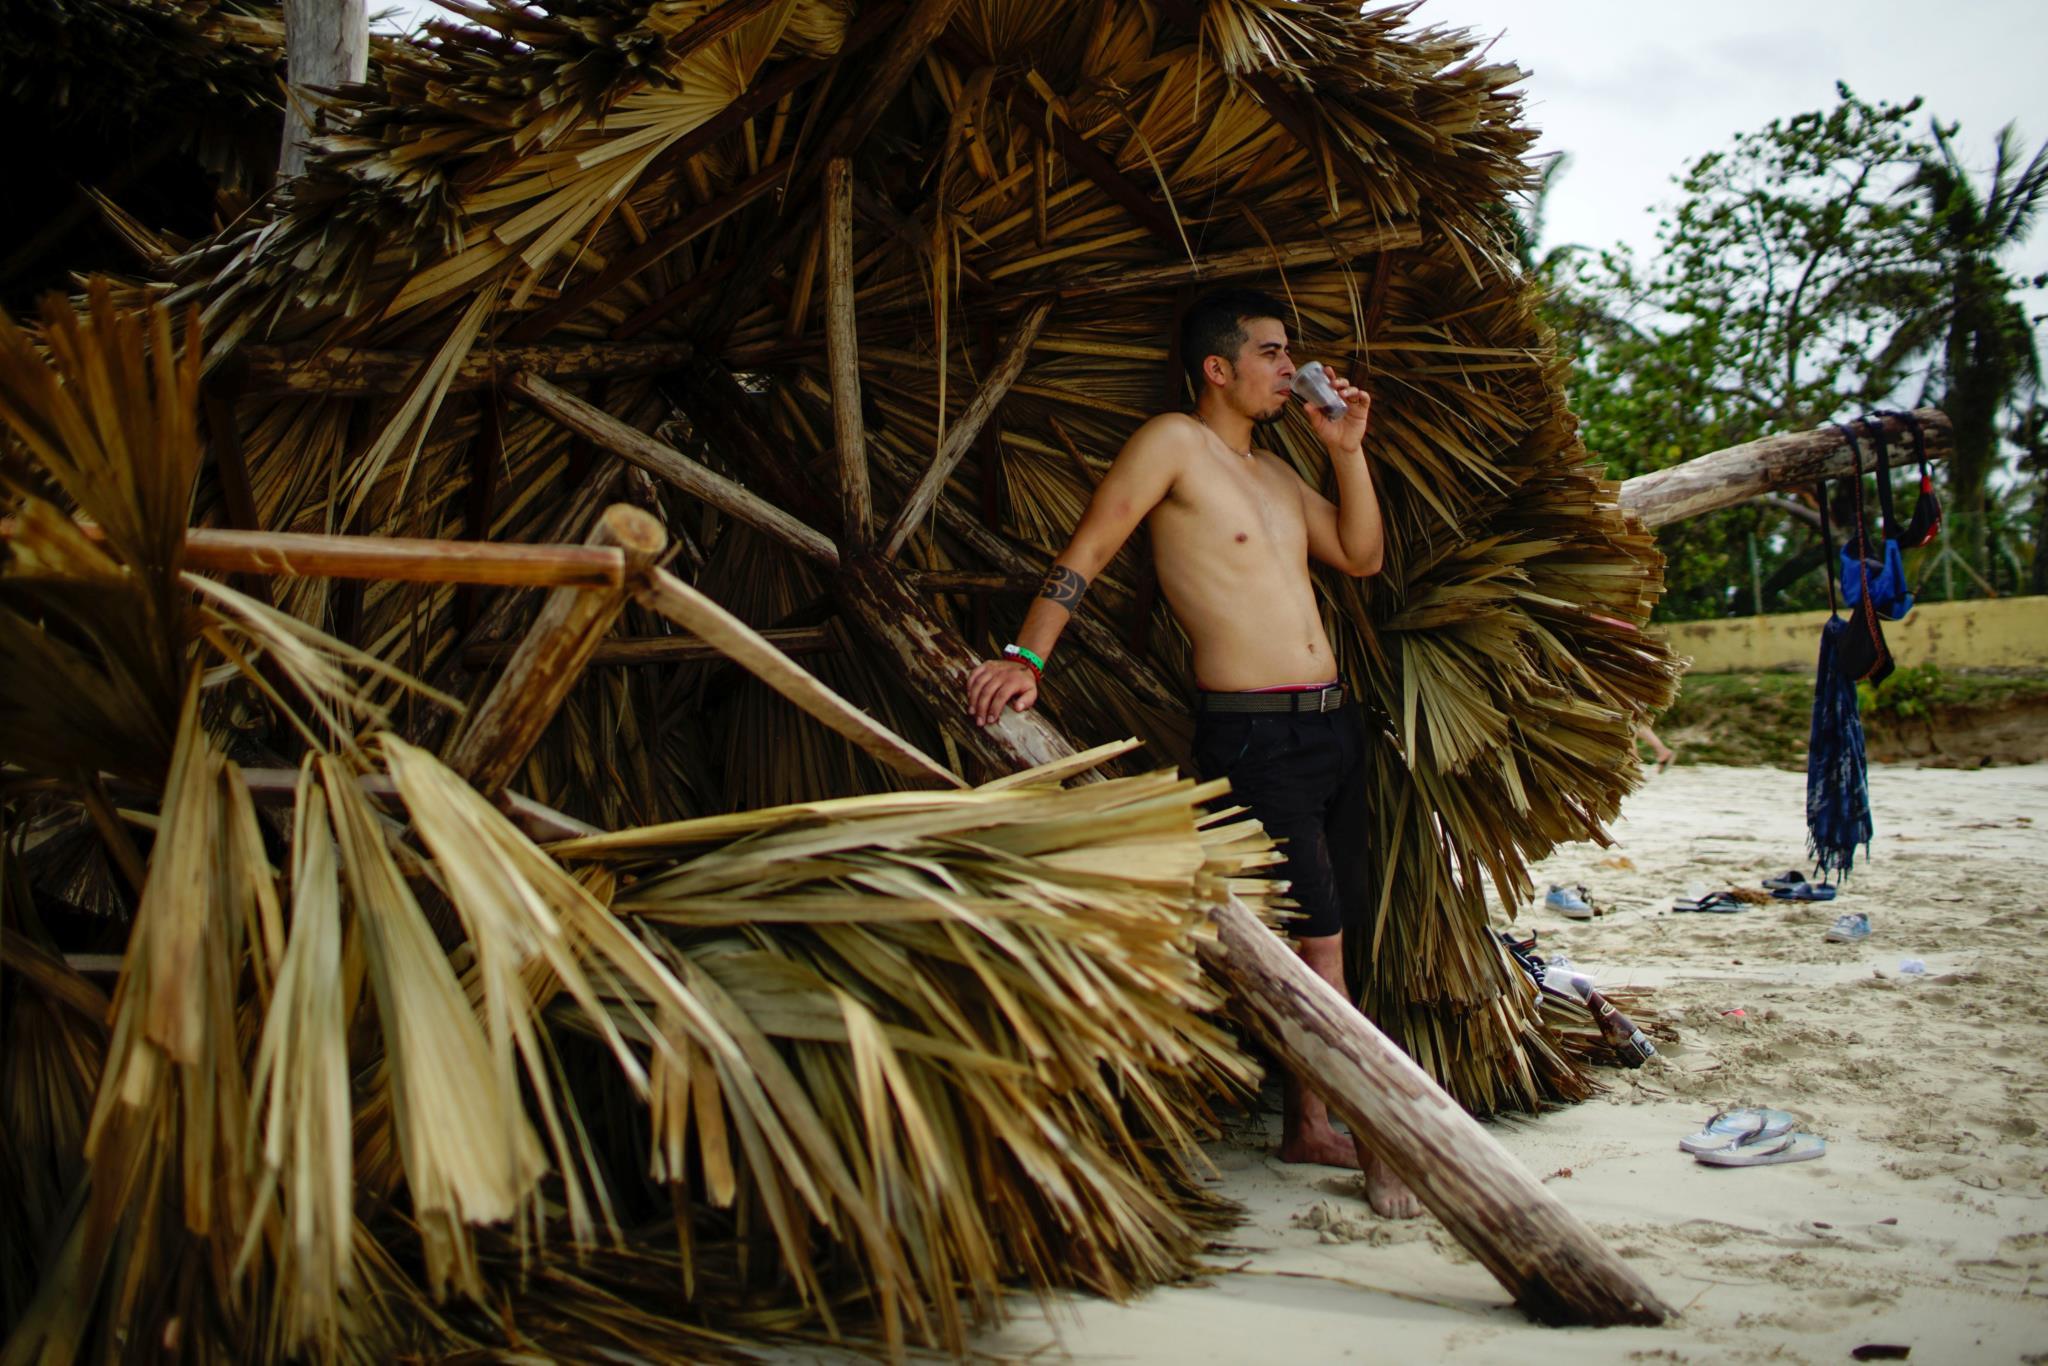 Turistas voltaram a respirar de alívio em Varadero, Cuba, após a passagem do furacão